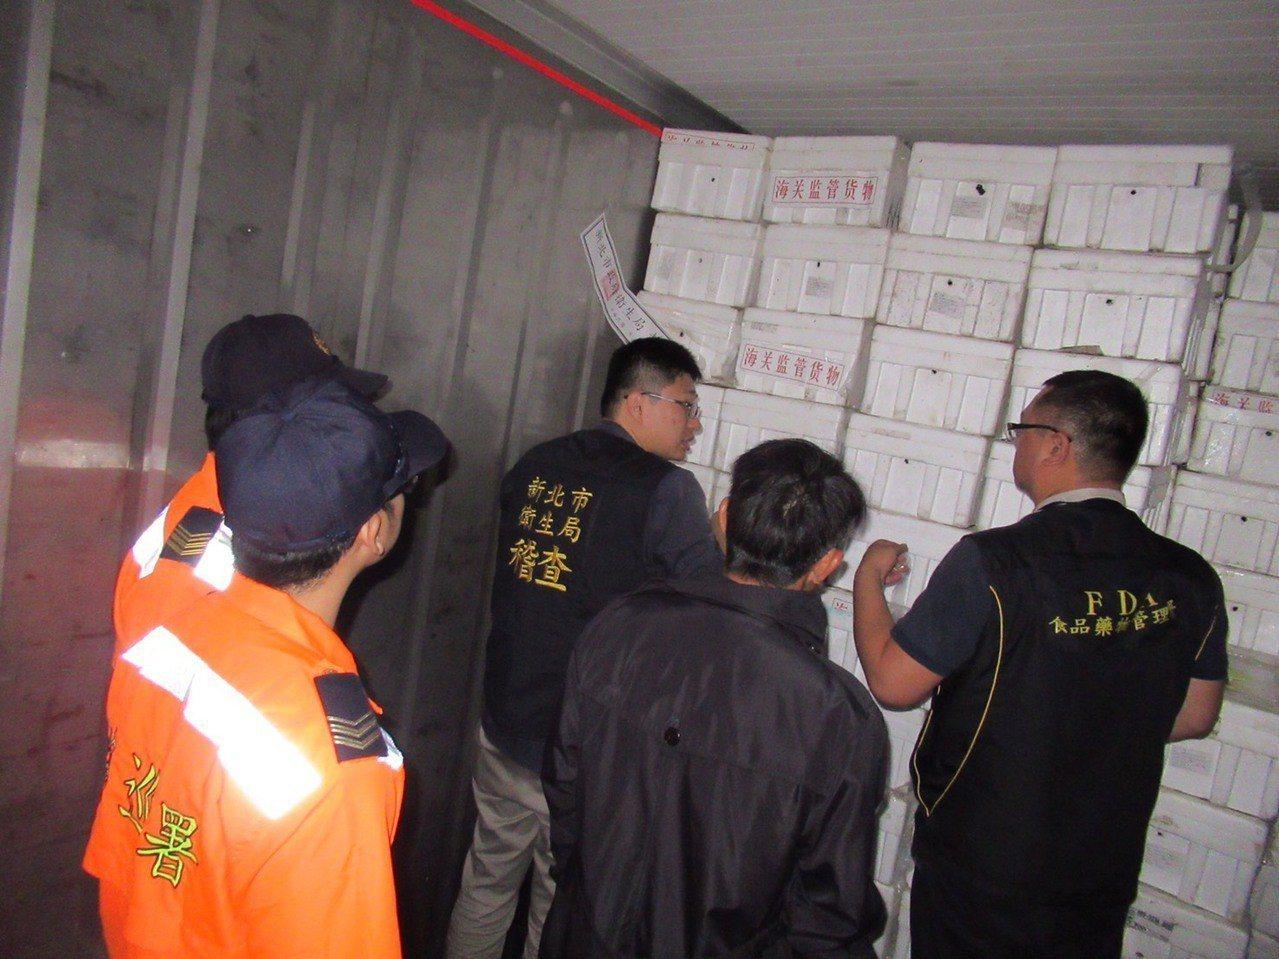 食藥署於邊境發現有大閘蟹進口業者具結放行後,未檢驗竟私下販售,含戴奧辛大閘蟹已流...